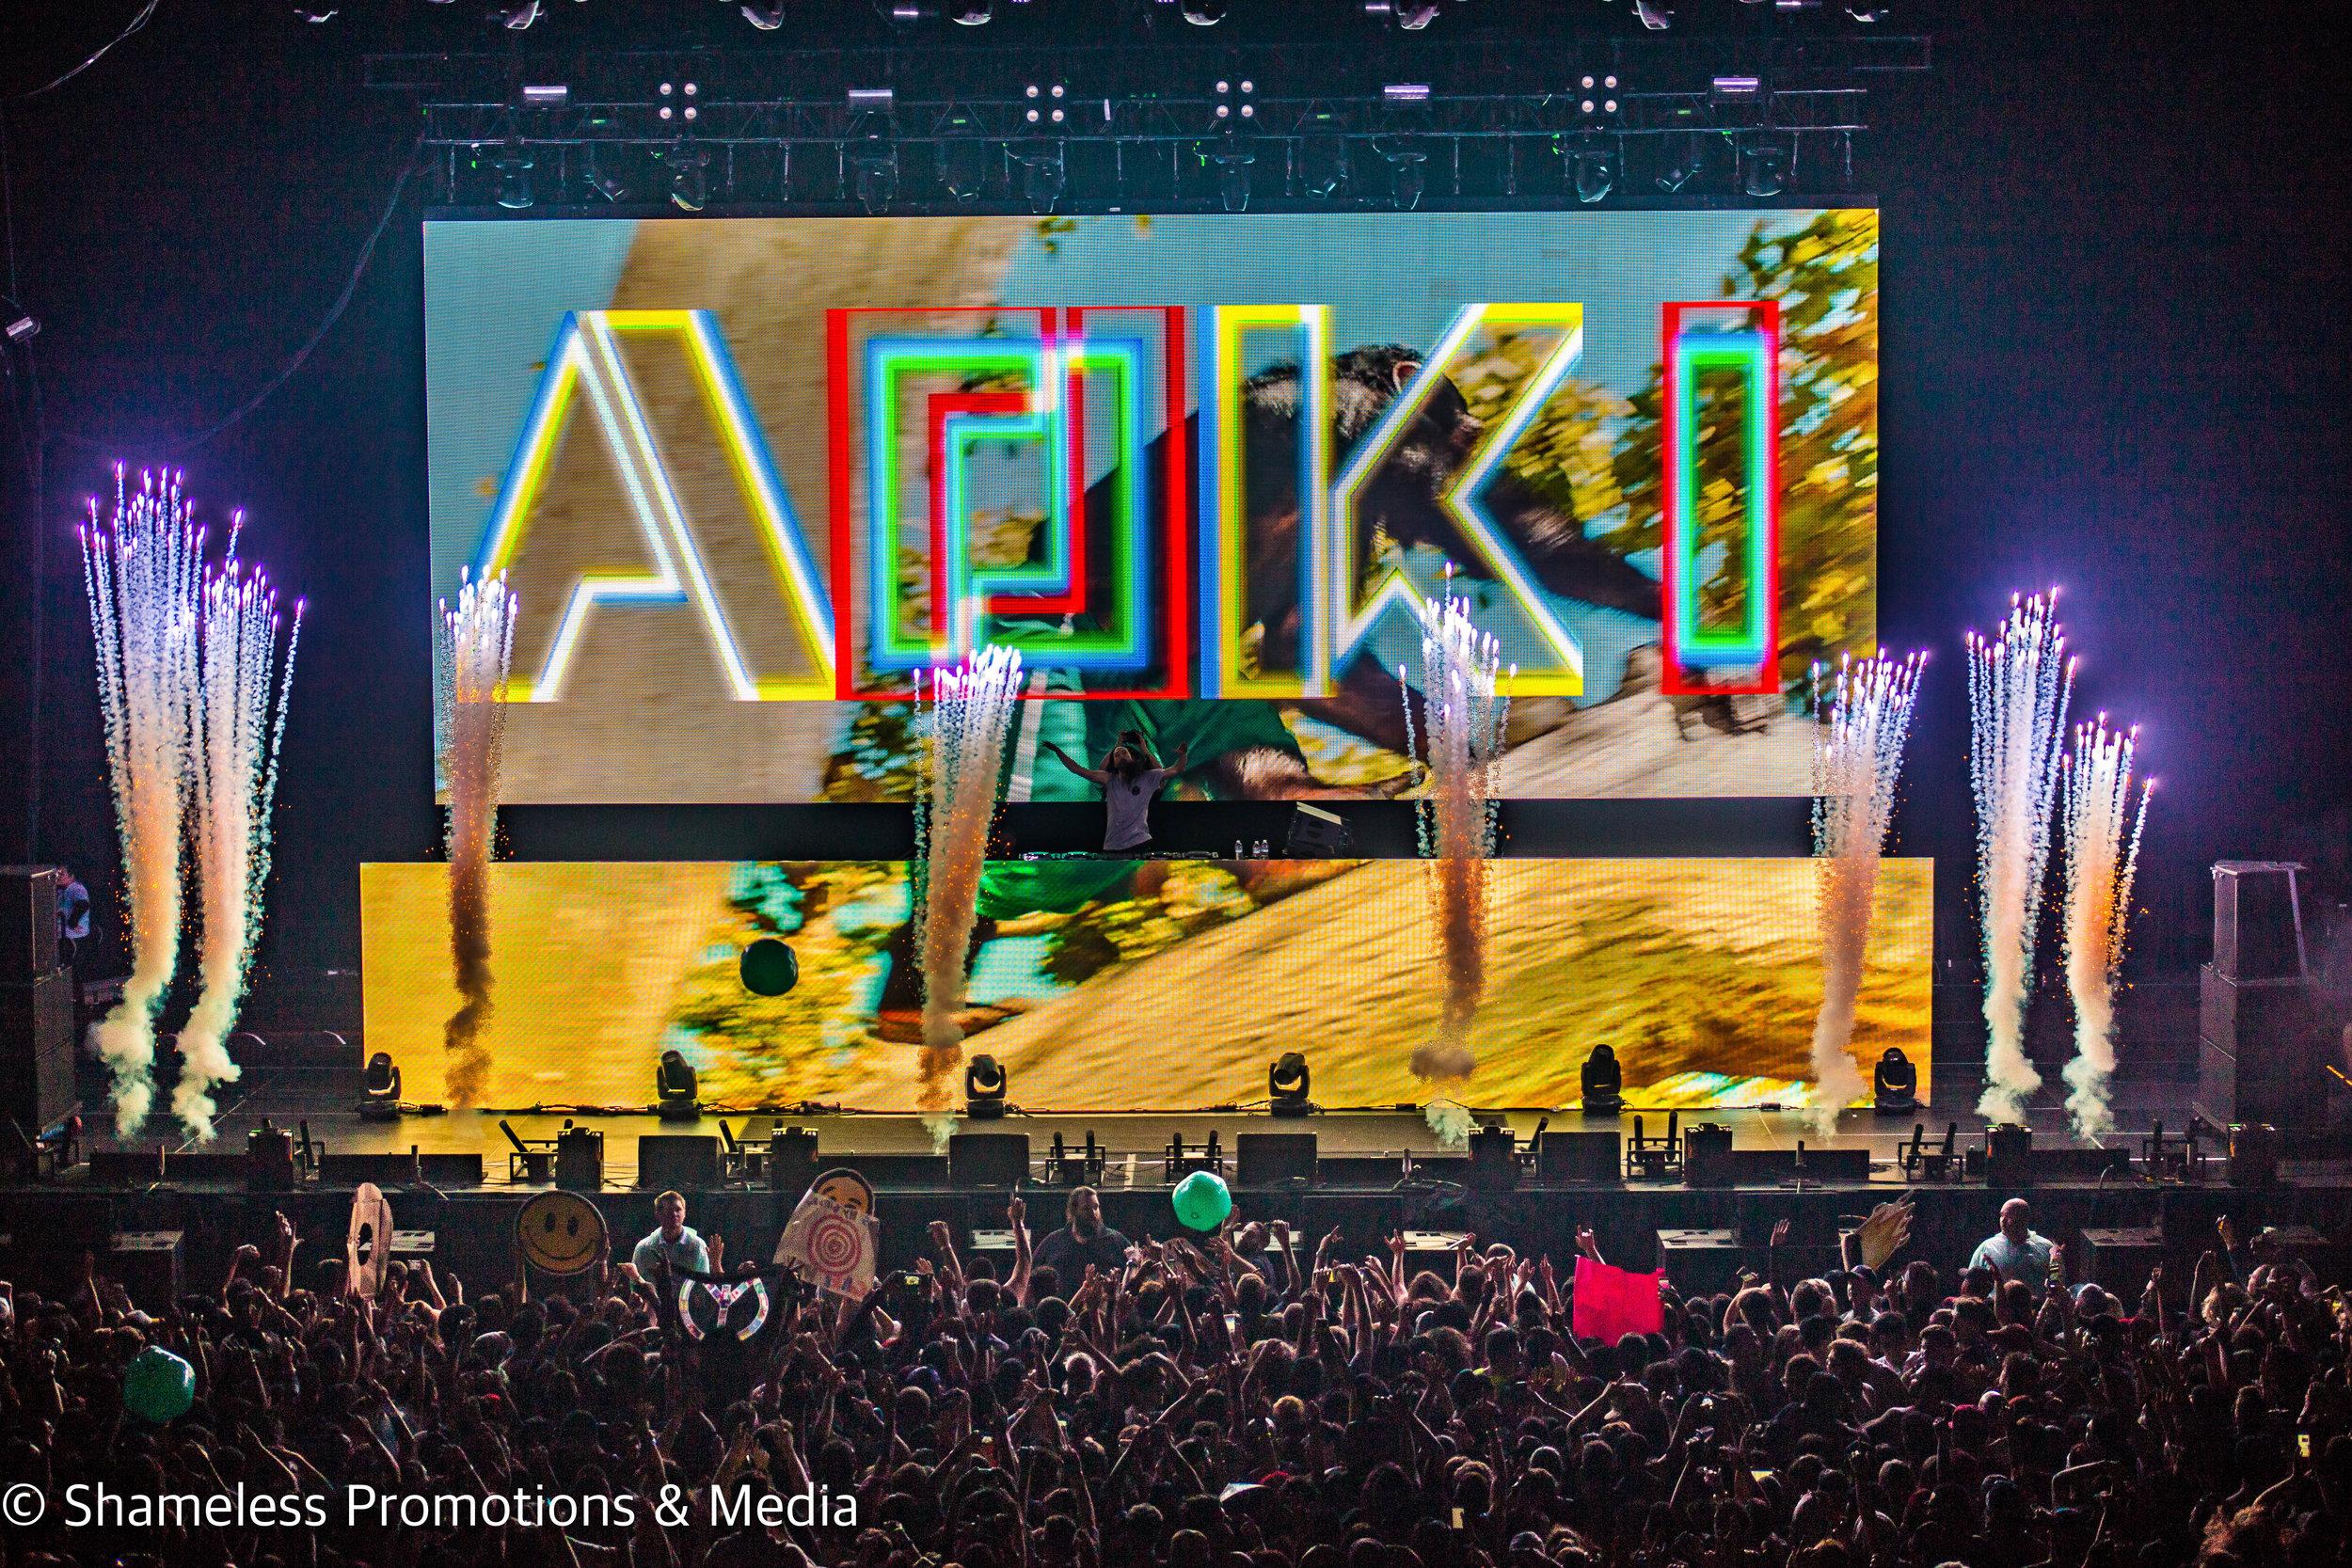 Steve Aoki @ Bill Graham Civic Auditorium: November 2016